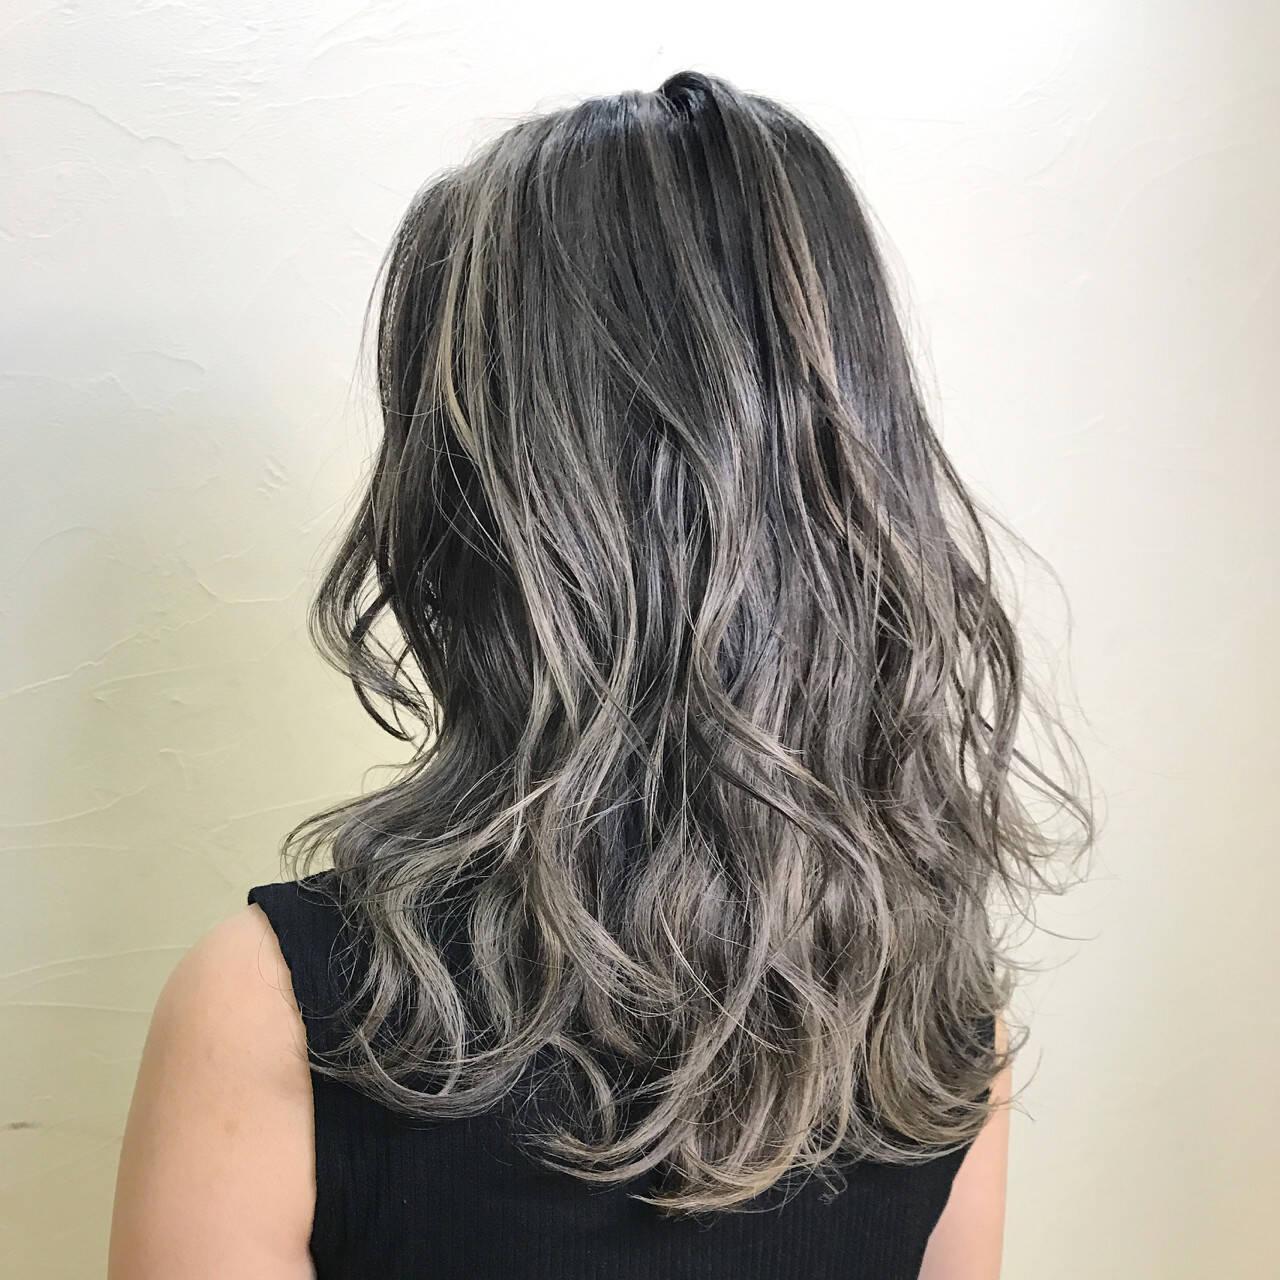 アッシュグレージュ ダブルカラー 上品 セミロングヘアスタイルや髪型の写真・画像